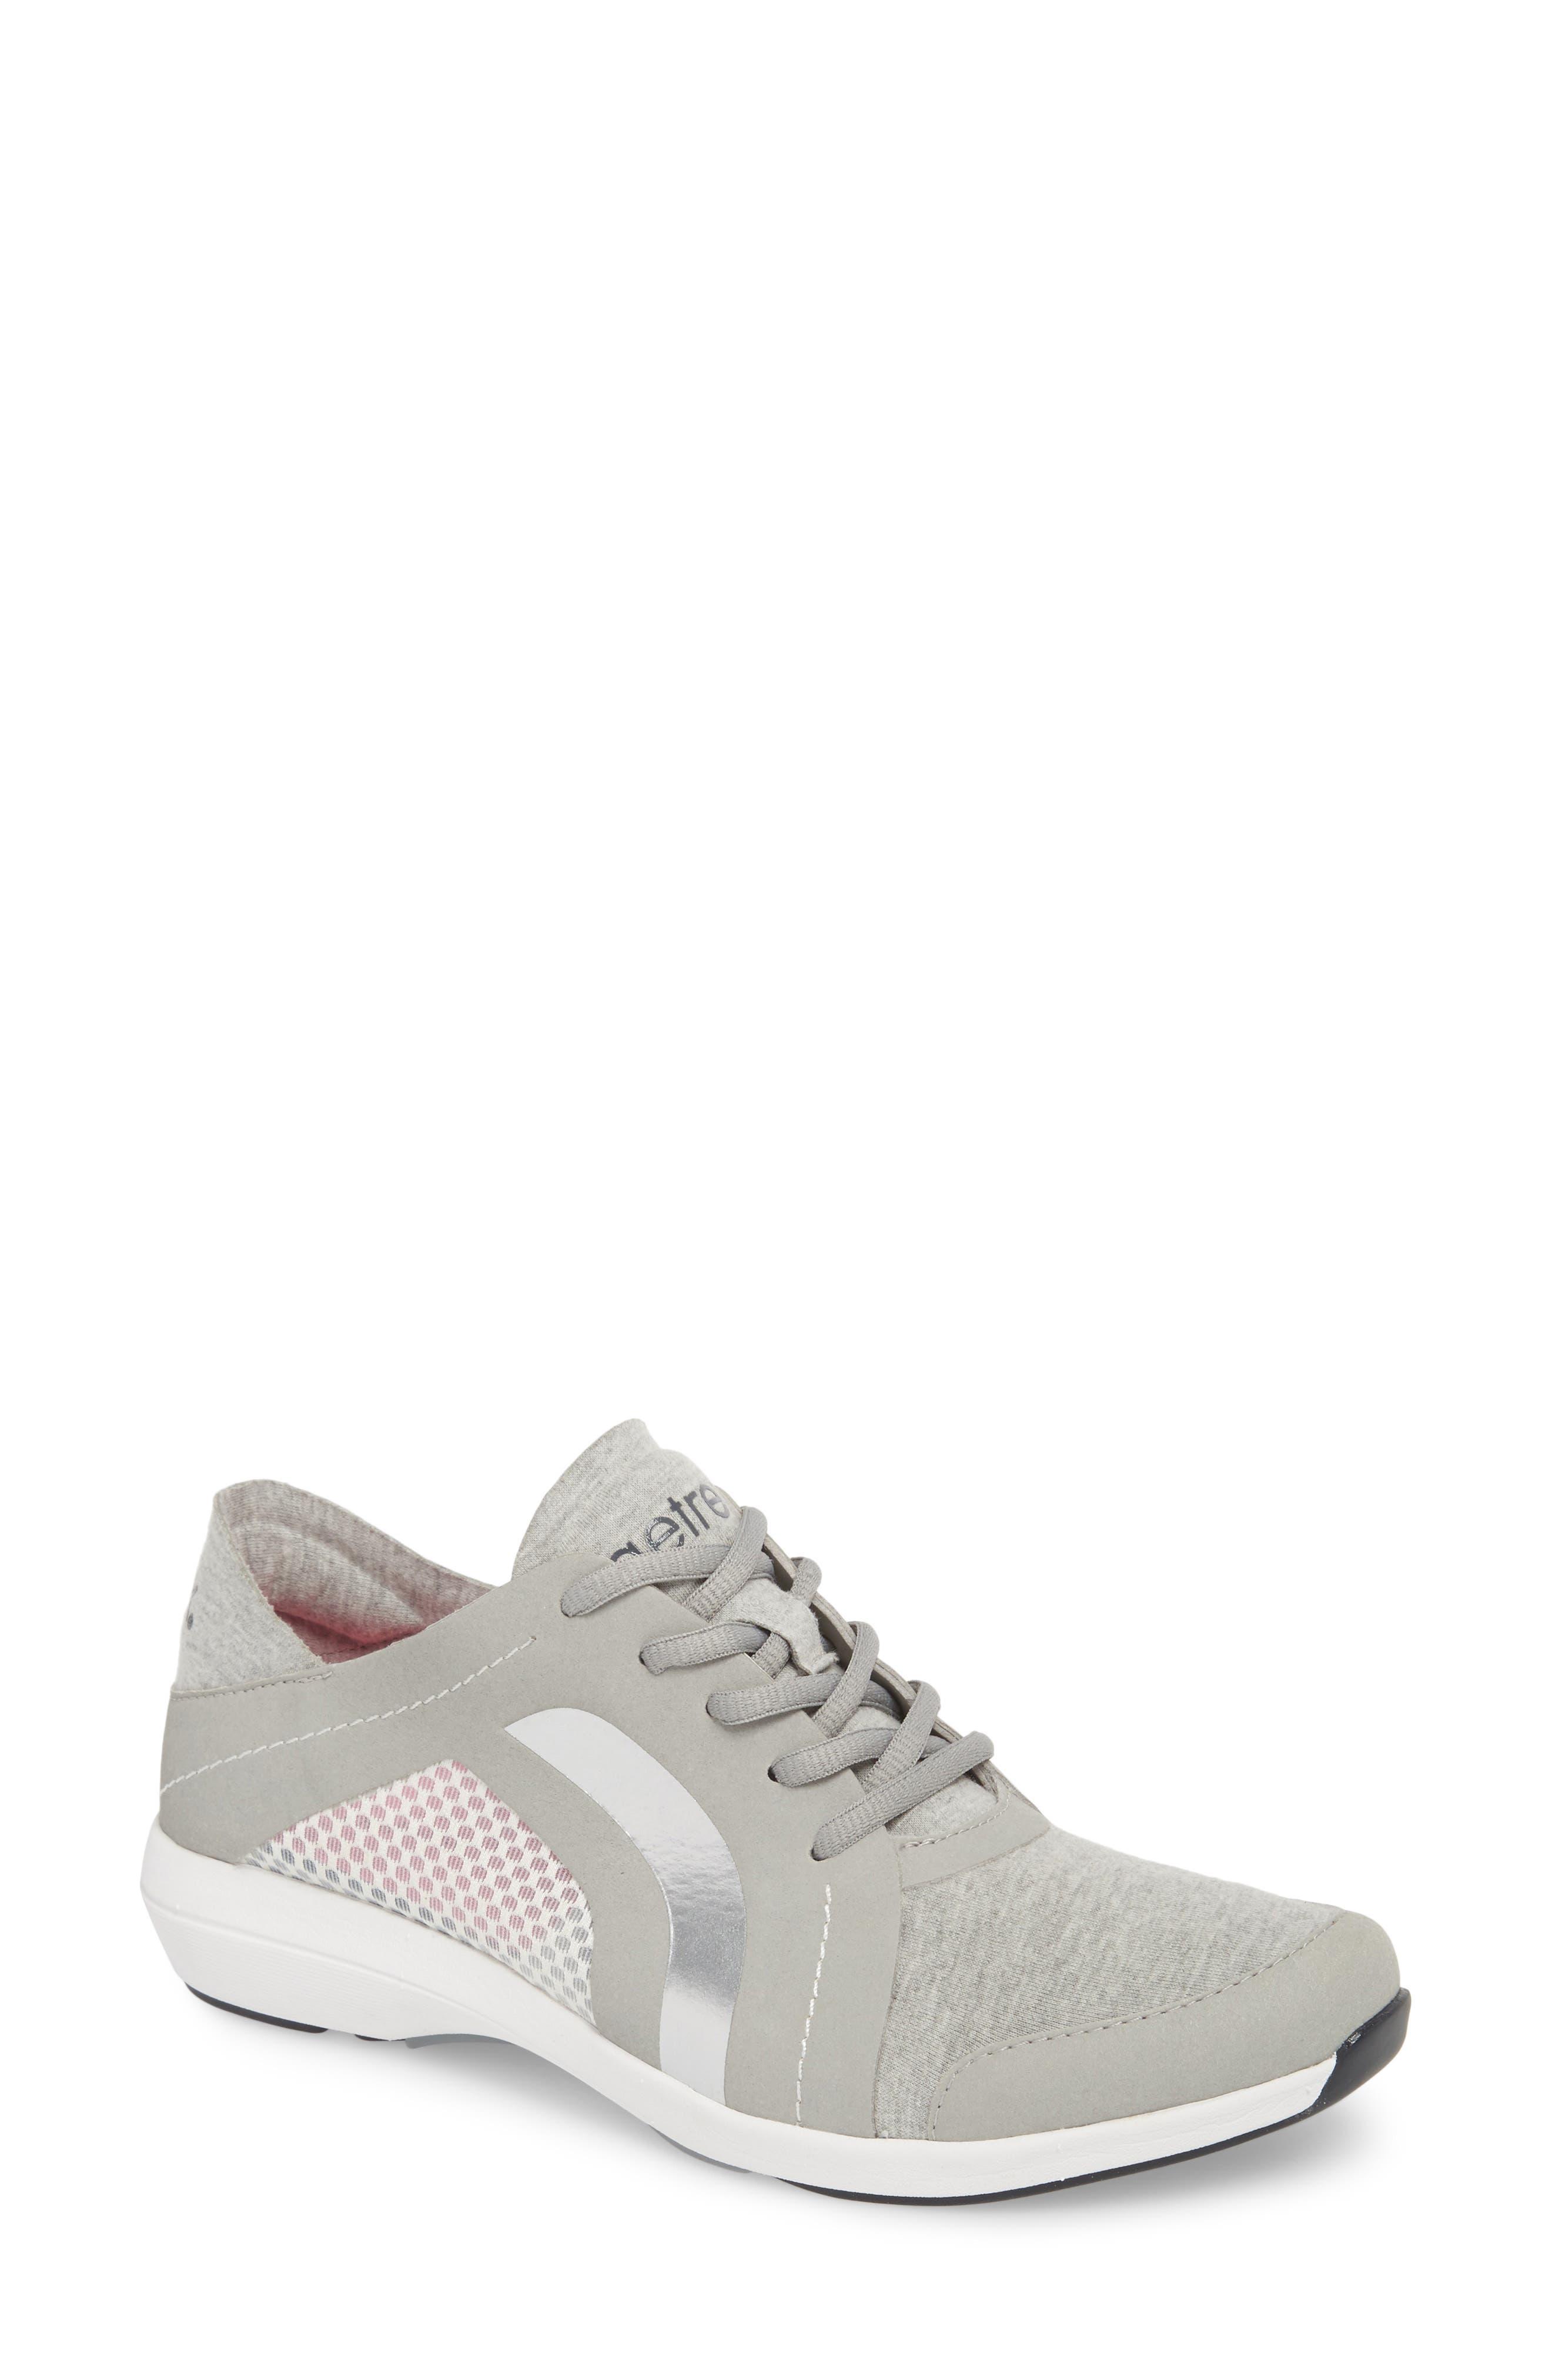 Aetrex Sloane Sneaker, Grey